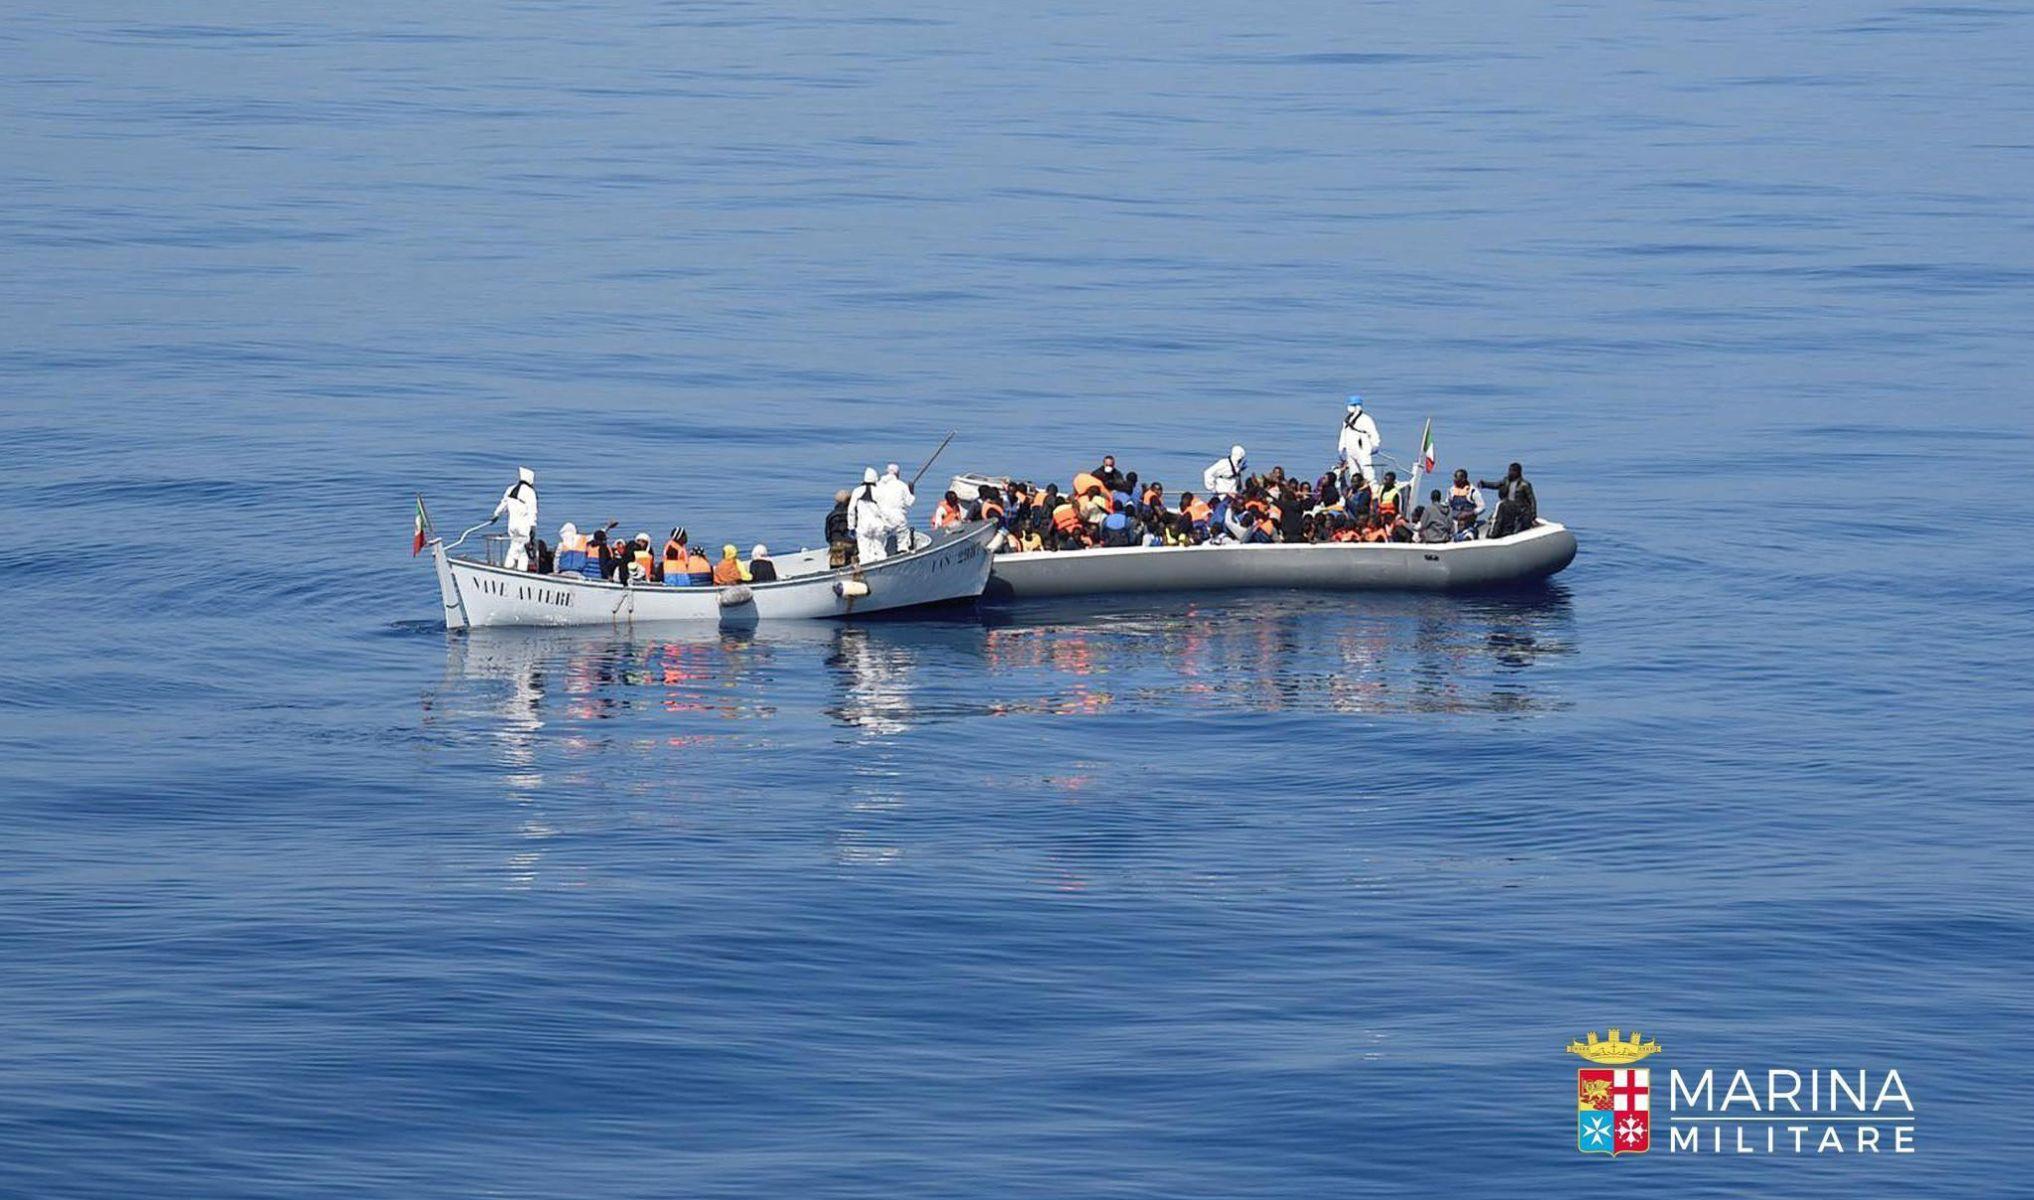 Italija spasila više od 1500 migranata na Sredozemlju tijekom vikenda